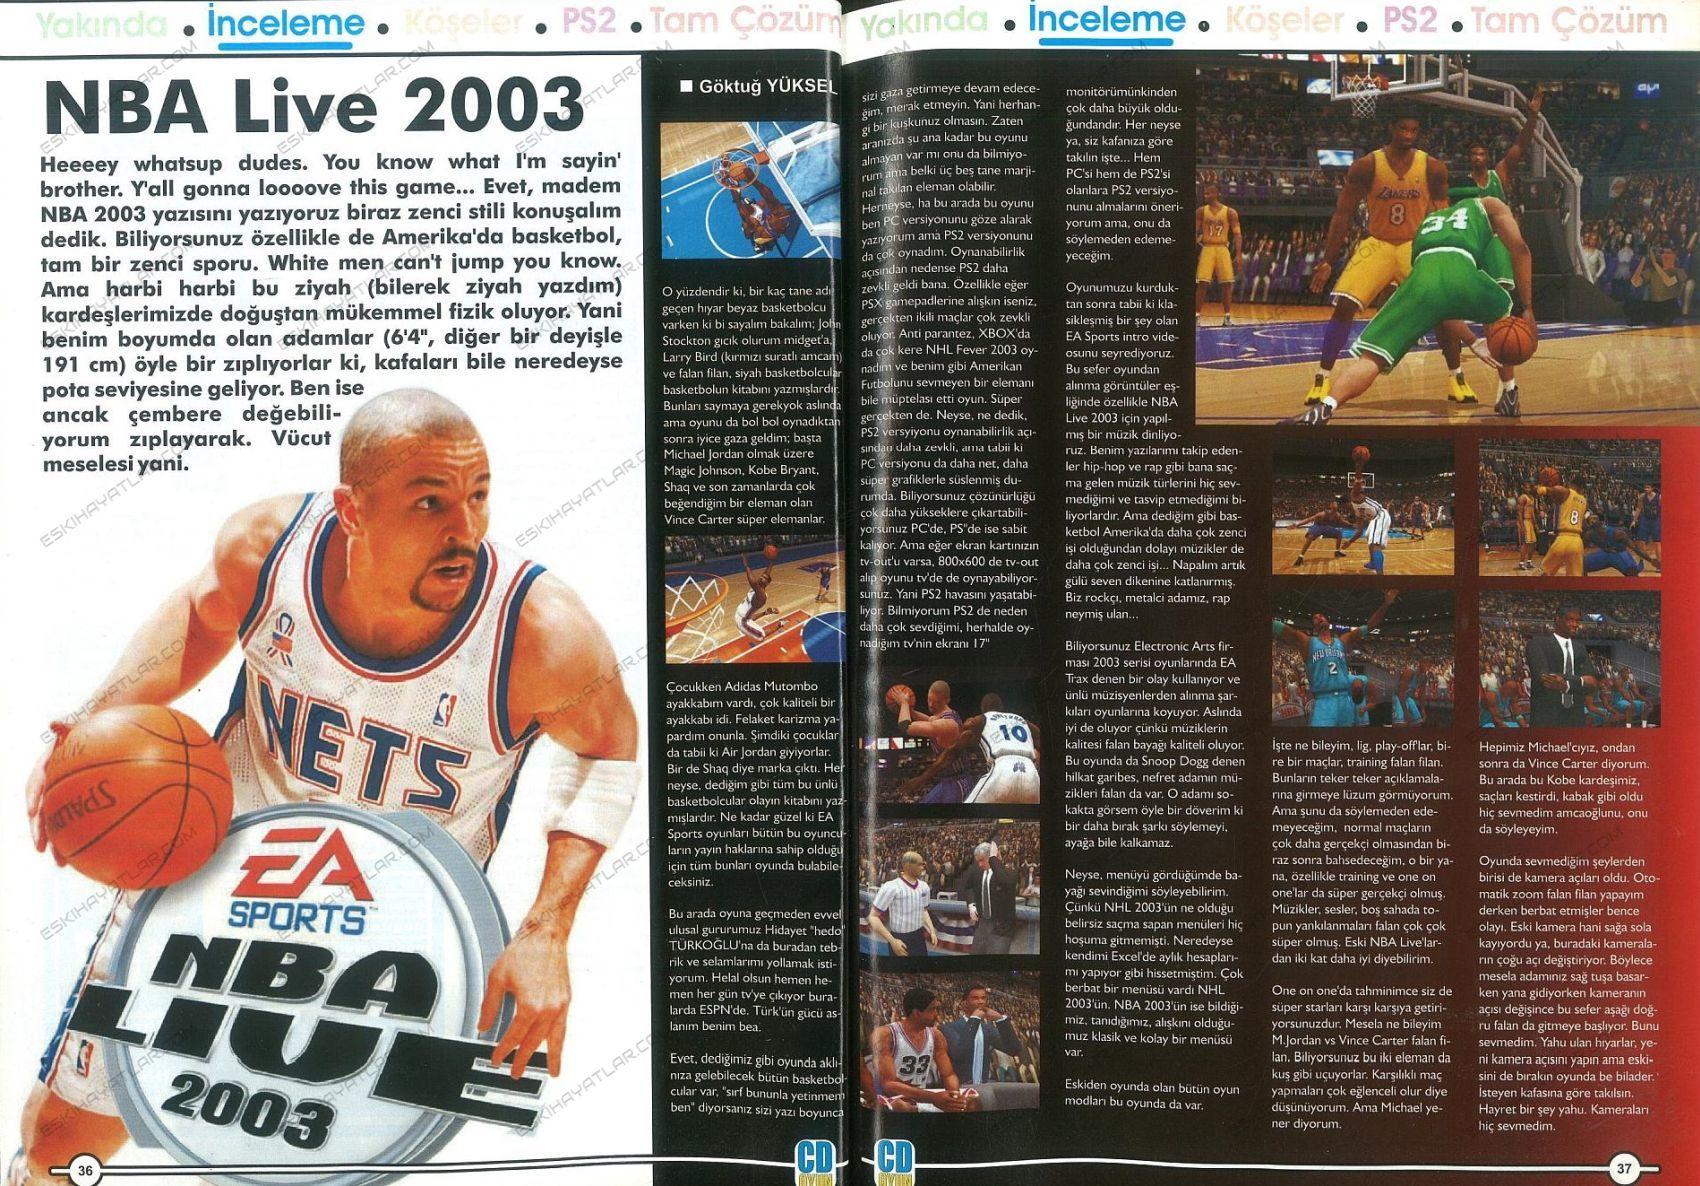 0185-nba-live-2003-oyun-aciklamalari-cd-oyun-dergisi-chicago-bulls (2)